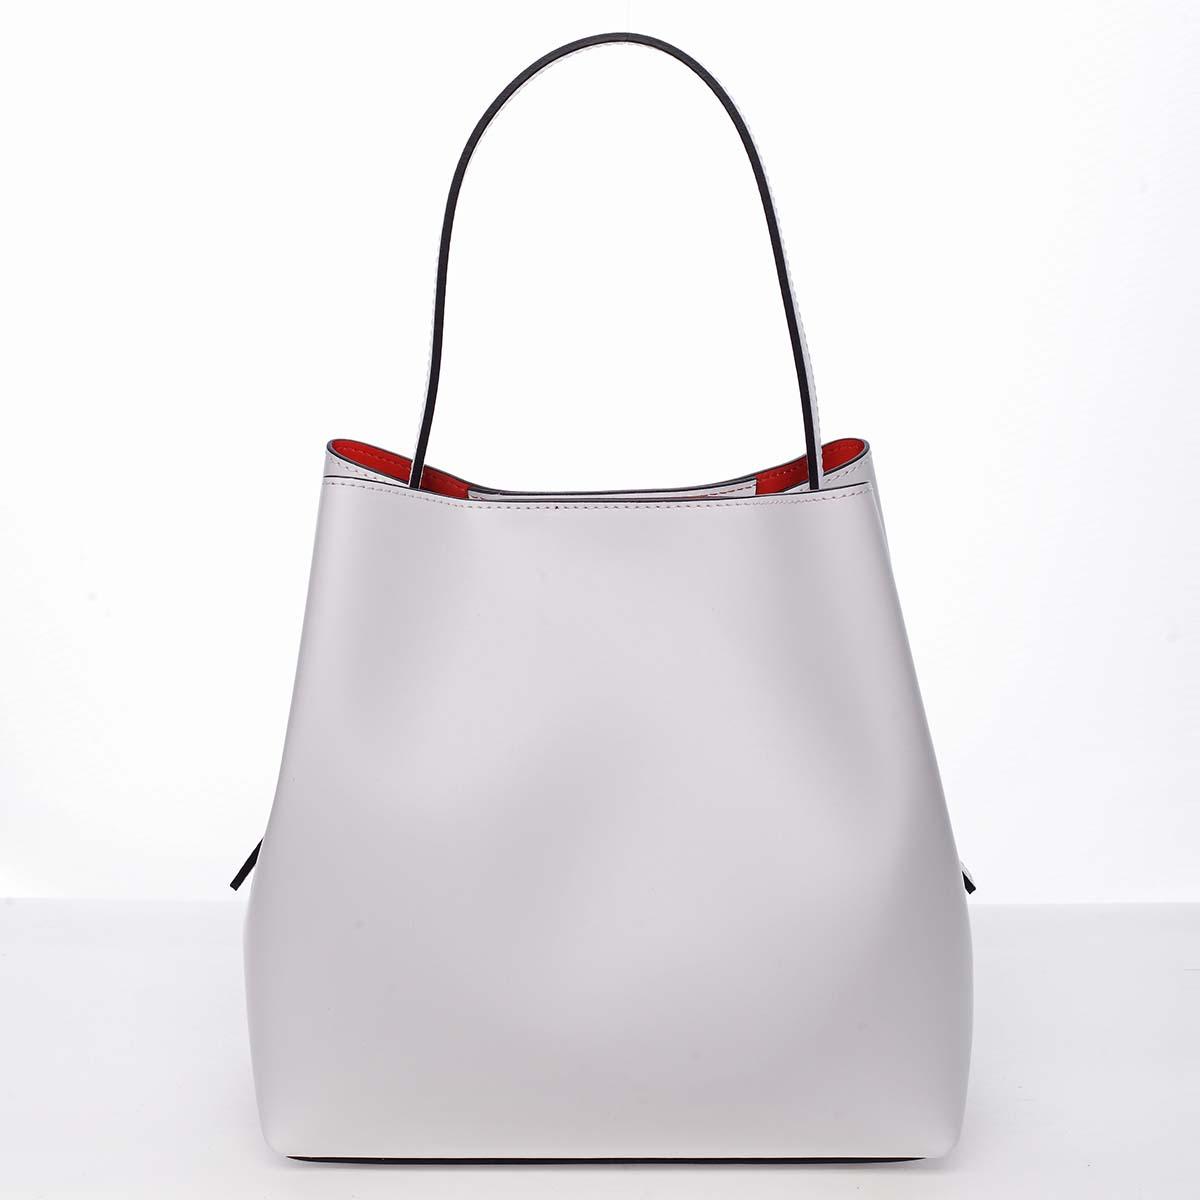 Dámska luxusná kožená kabelka biela - ItalY Hania biela